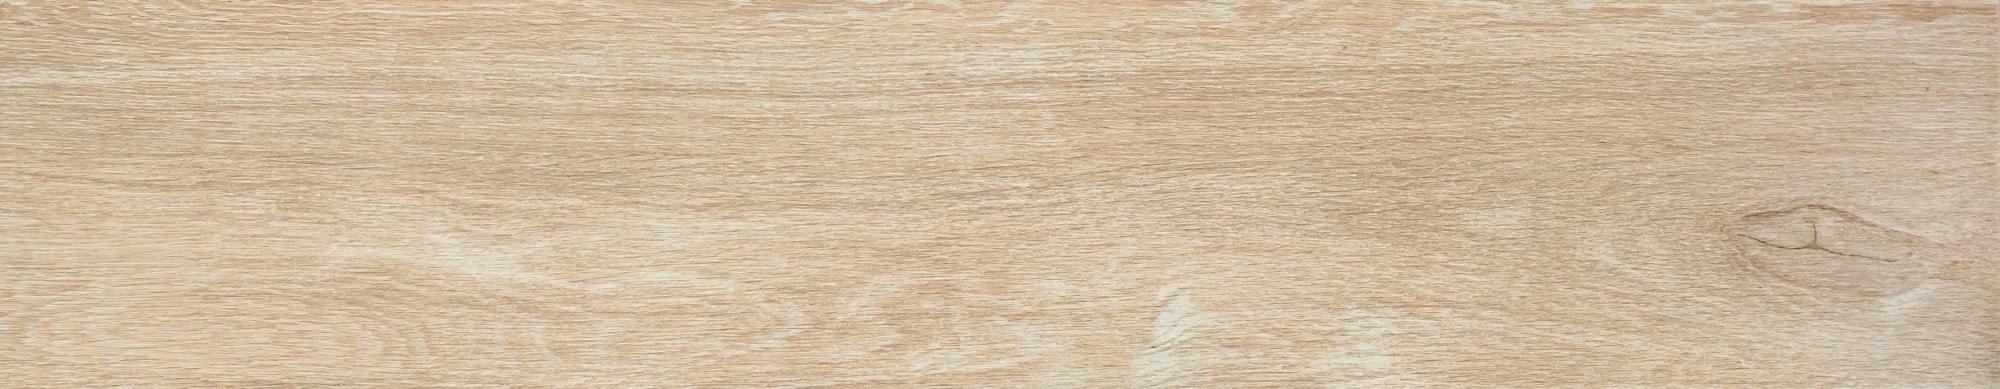 Płytka podłogowa Cerrad Catalea Desert 900x175x8mm 27148